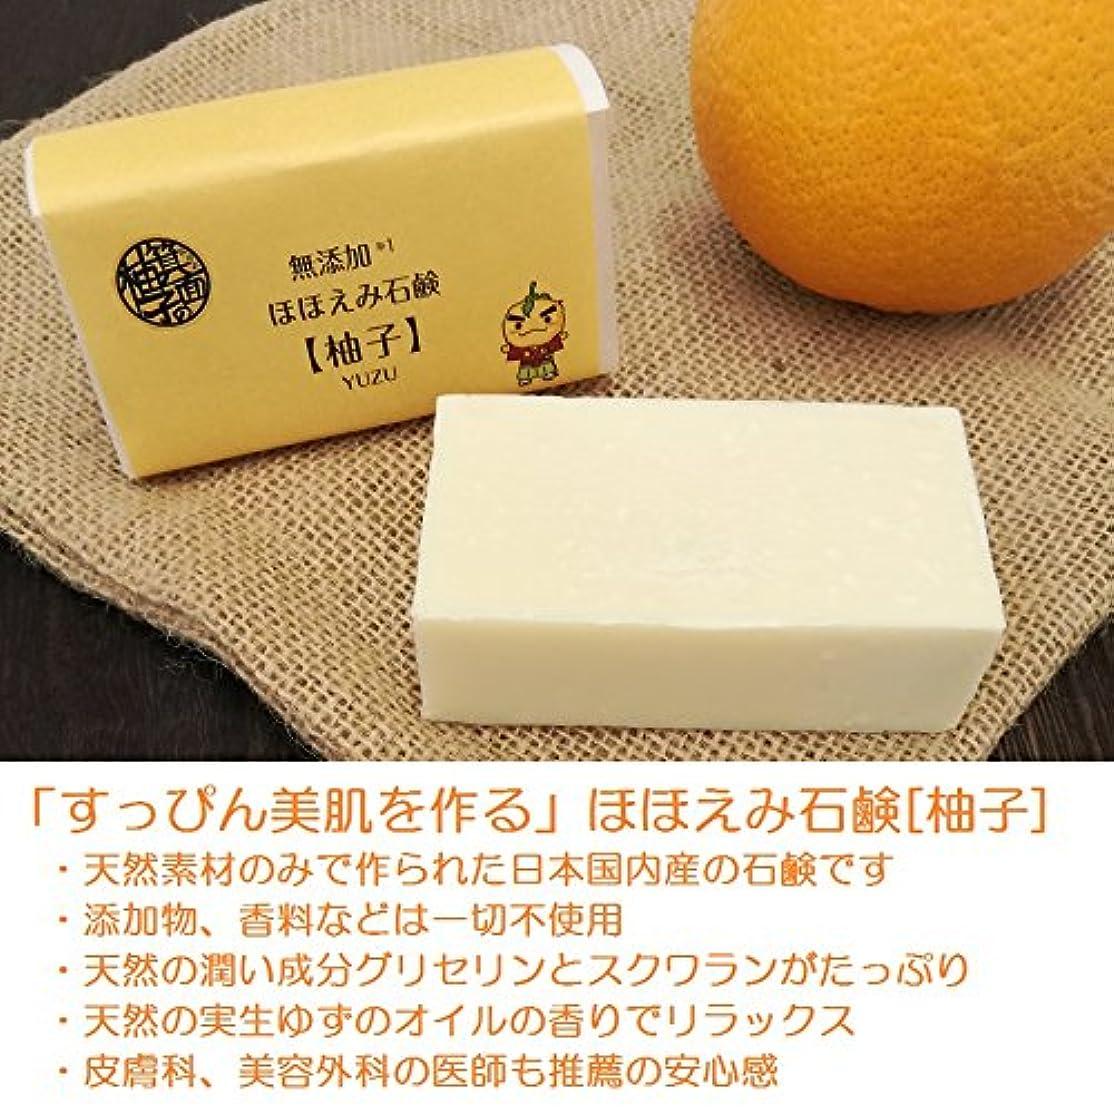 アンデス山脈権限カウボーイすっぴん美肌を作る ほほえみ石鹸 柚子 オリーブオイル 無添加 オーガニック 日本製 80g